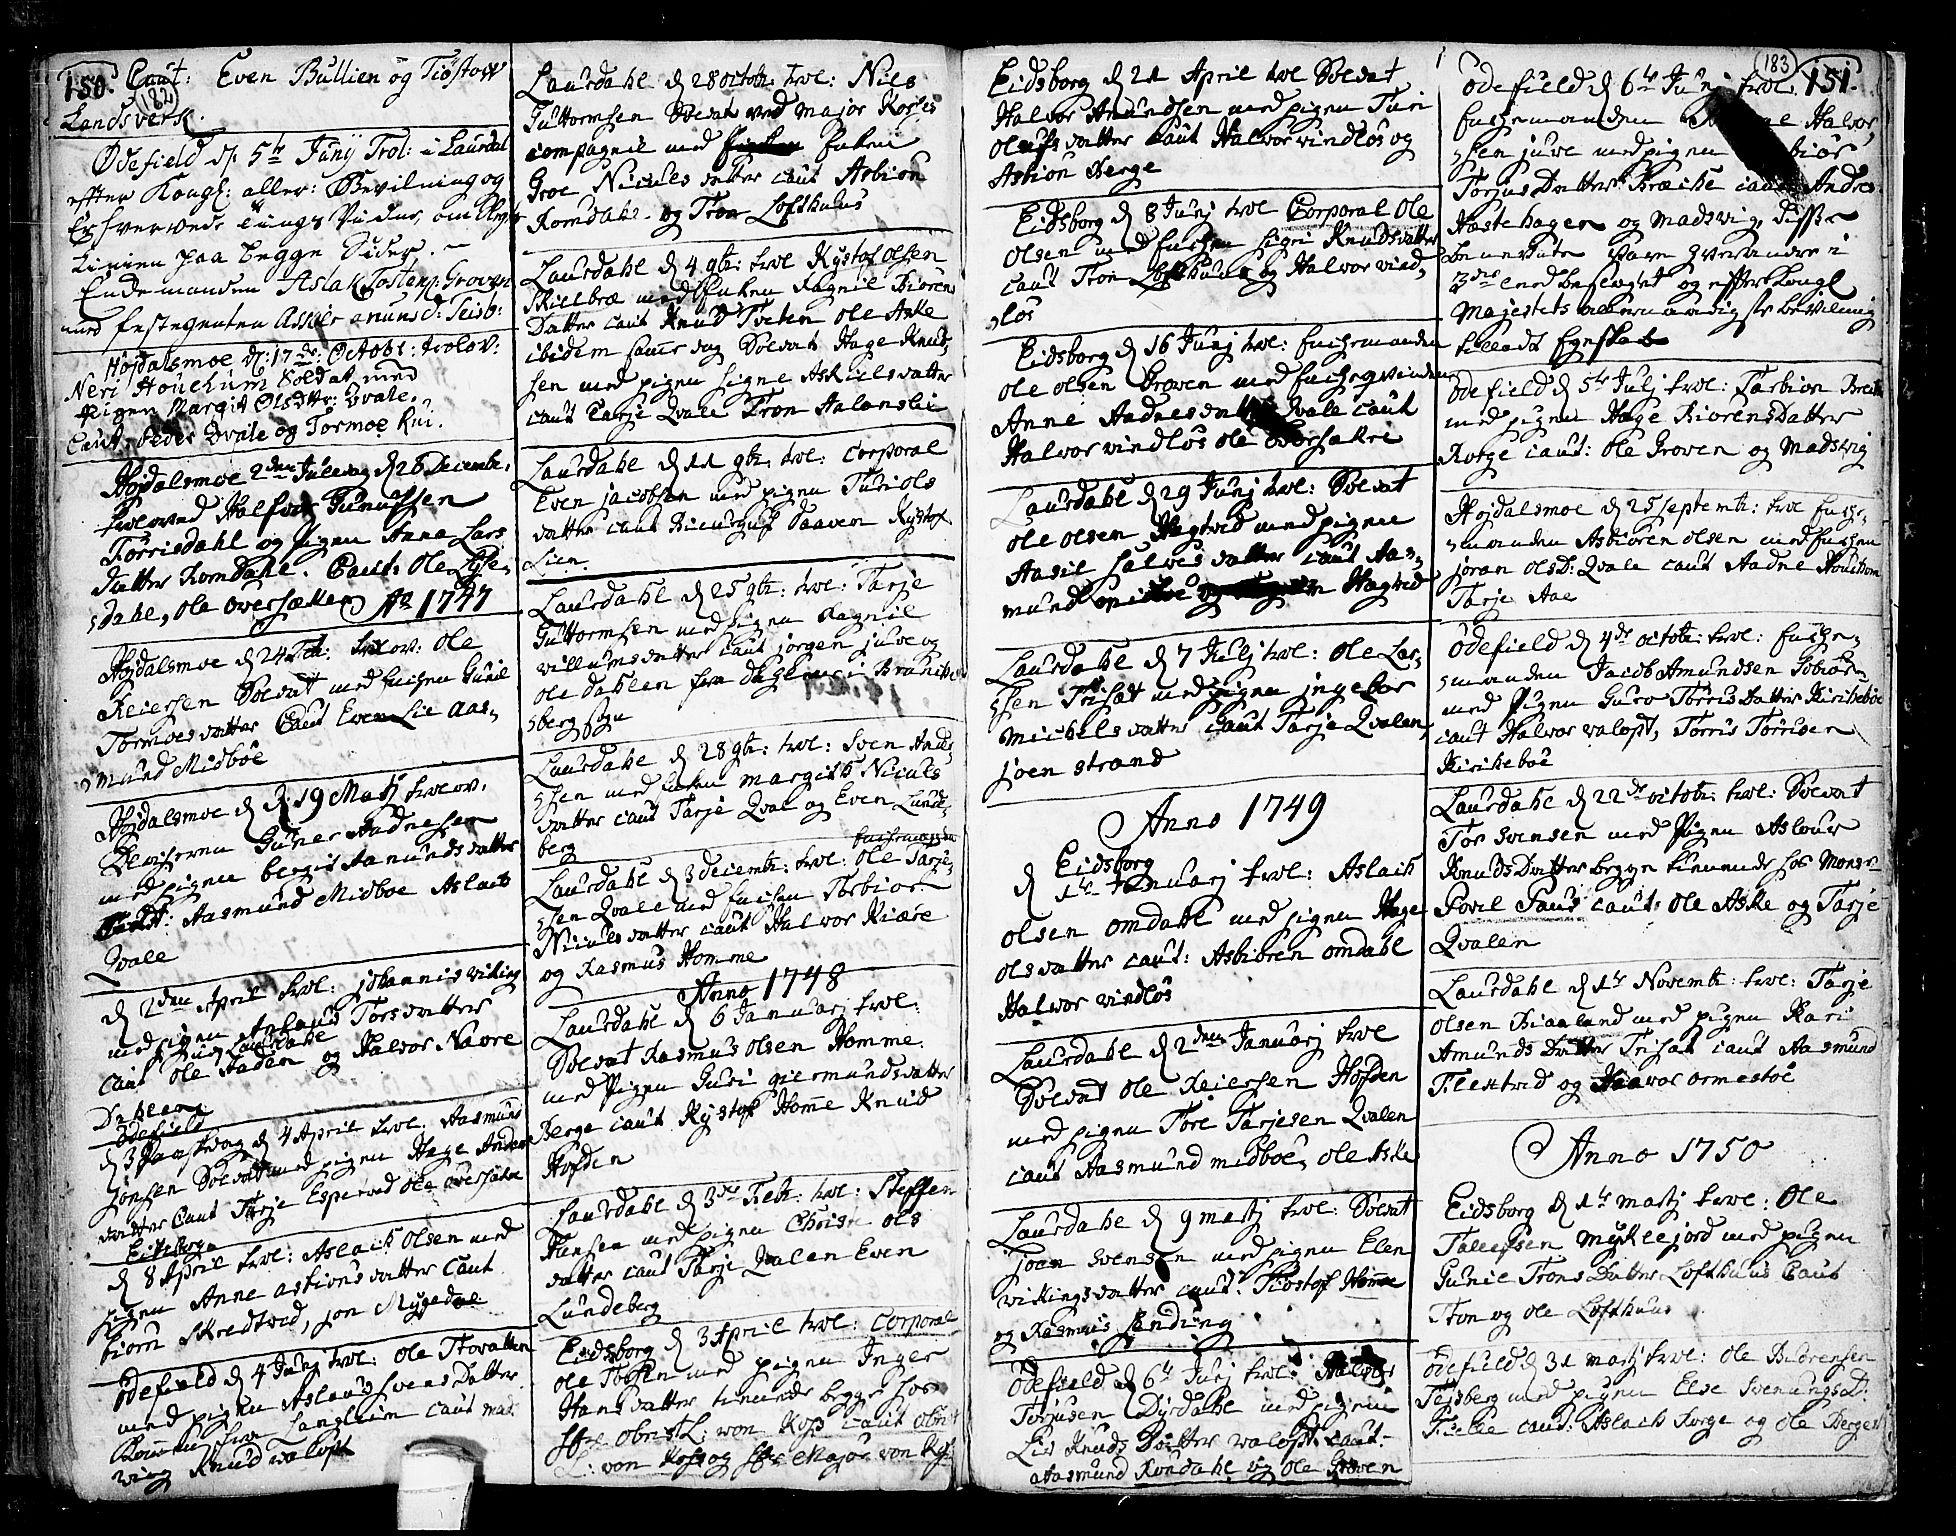 SAKO, Lårdal kirkebøker, F/Fa/L0002: Ministerialbok nr. I 2, 1734-1754, s. 182-183